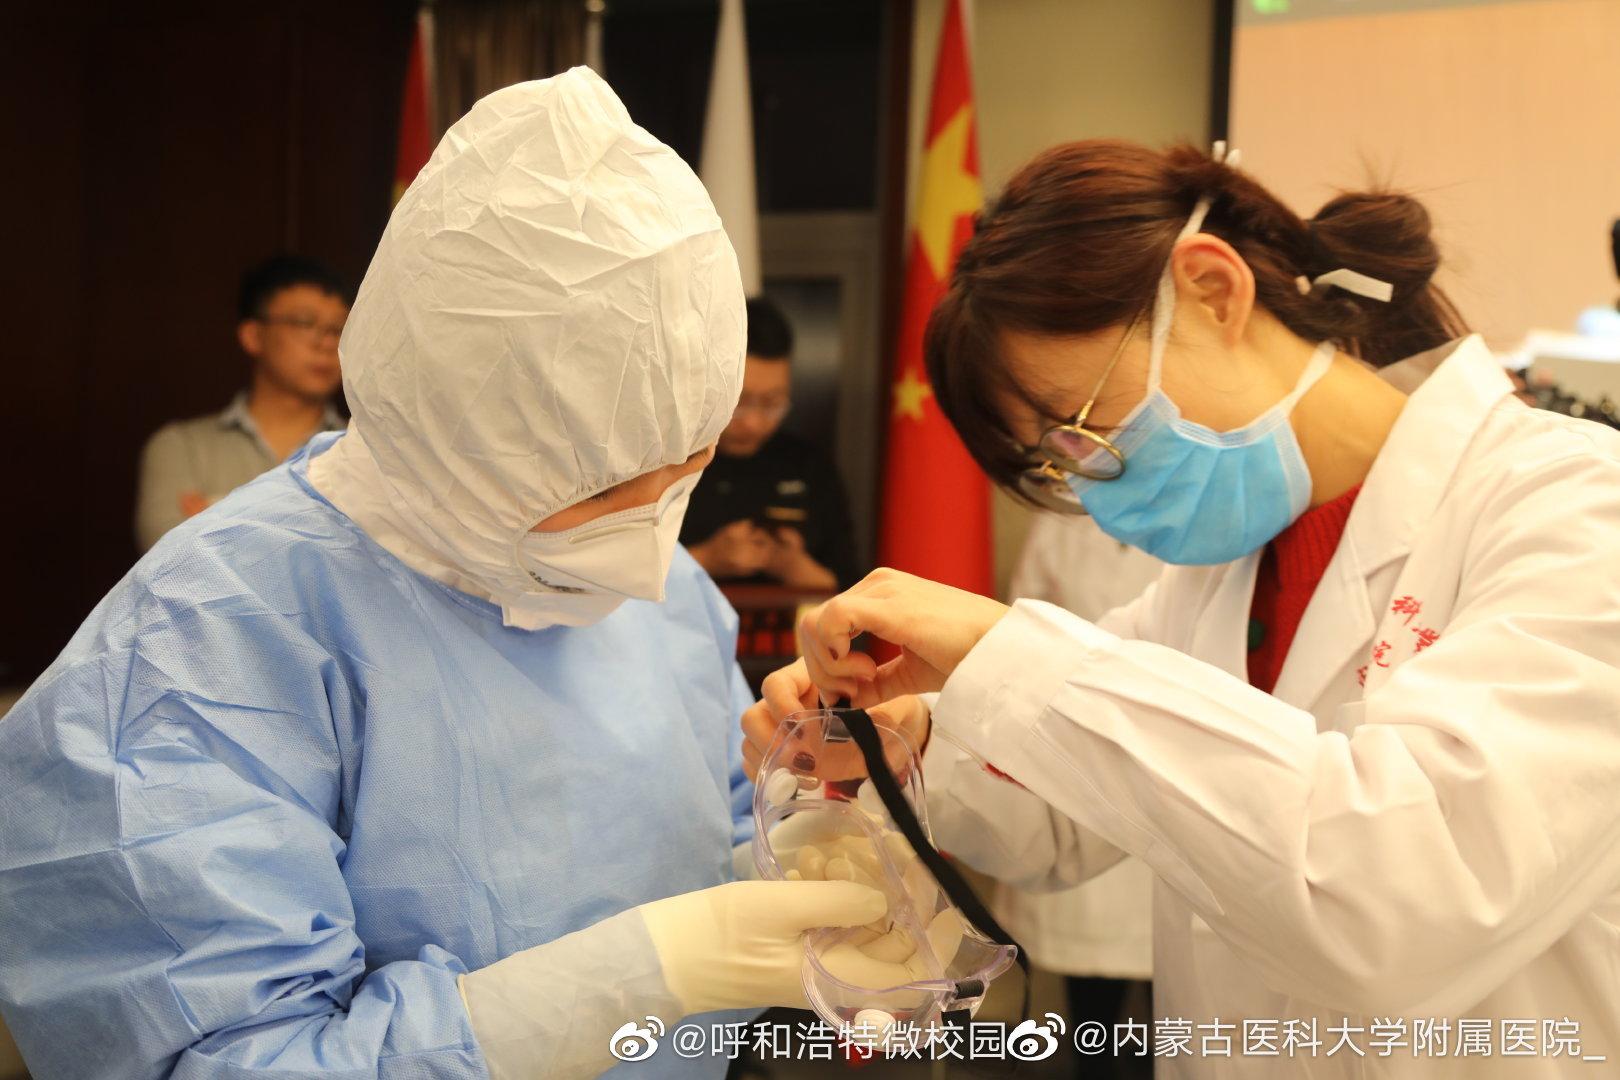 驰援武汉!内蒙古医科大学附属医院20名医护人员集结完毕,明日出征